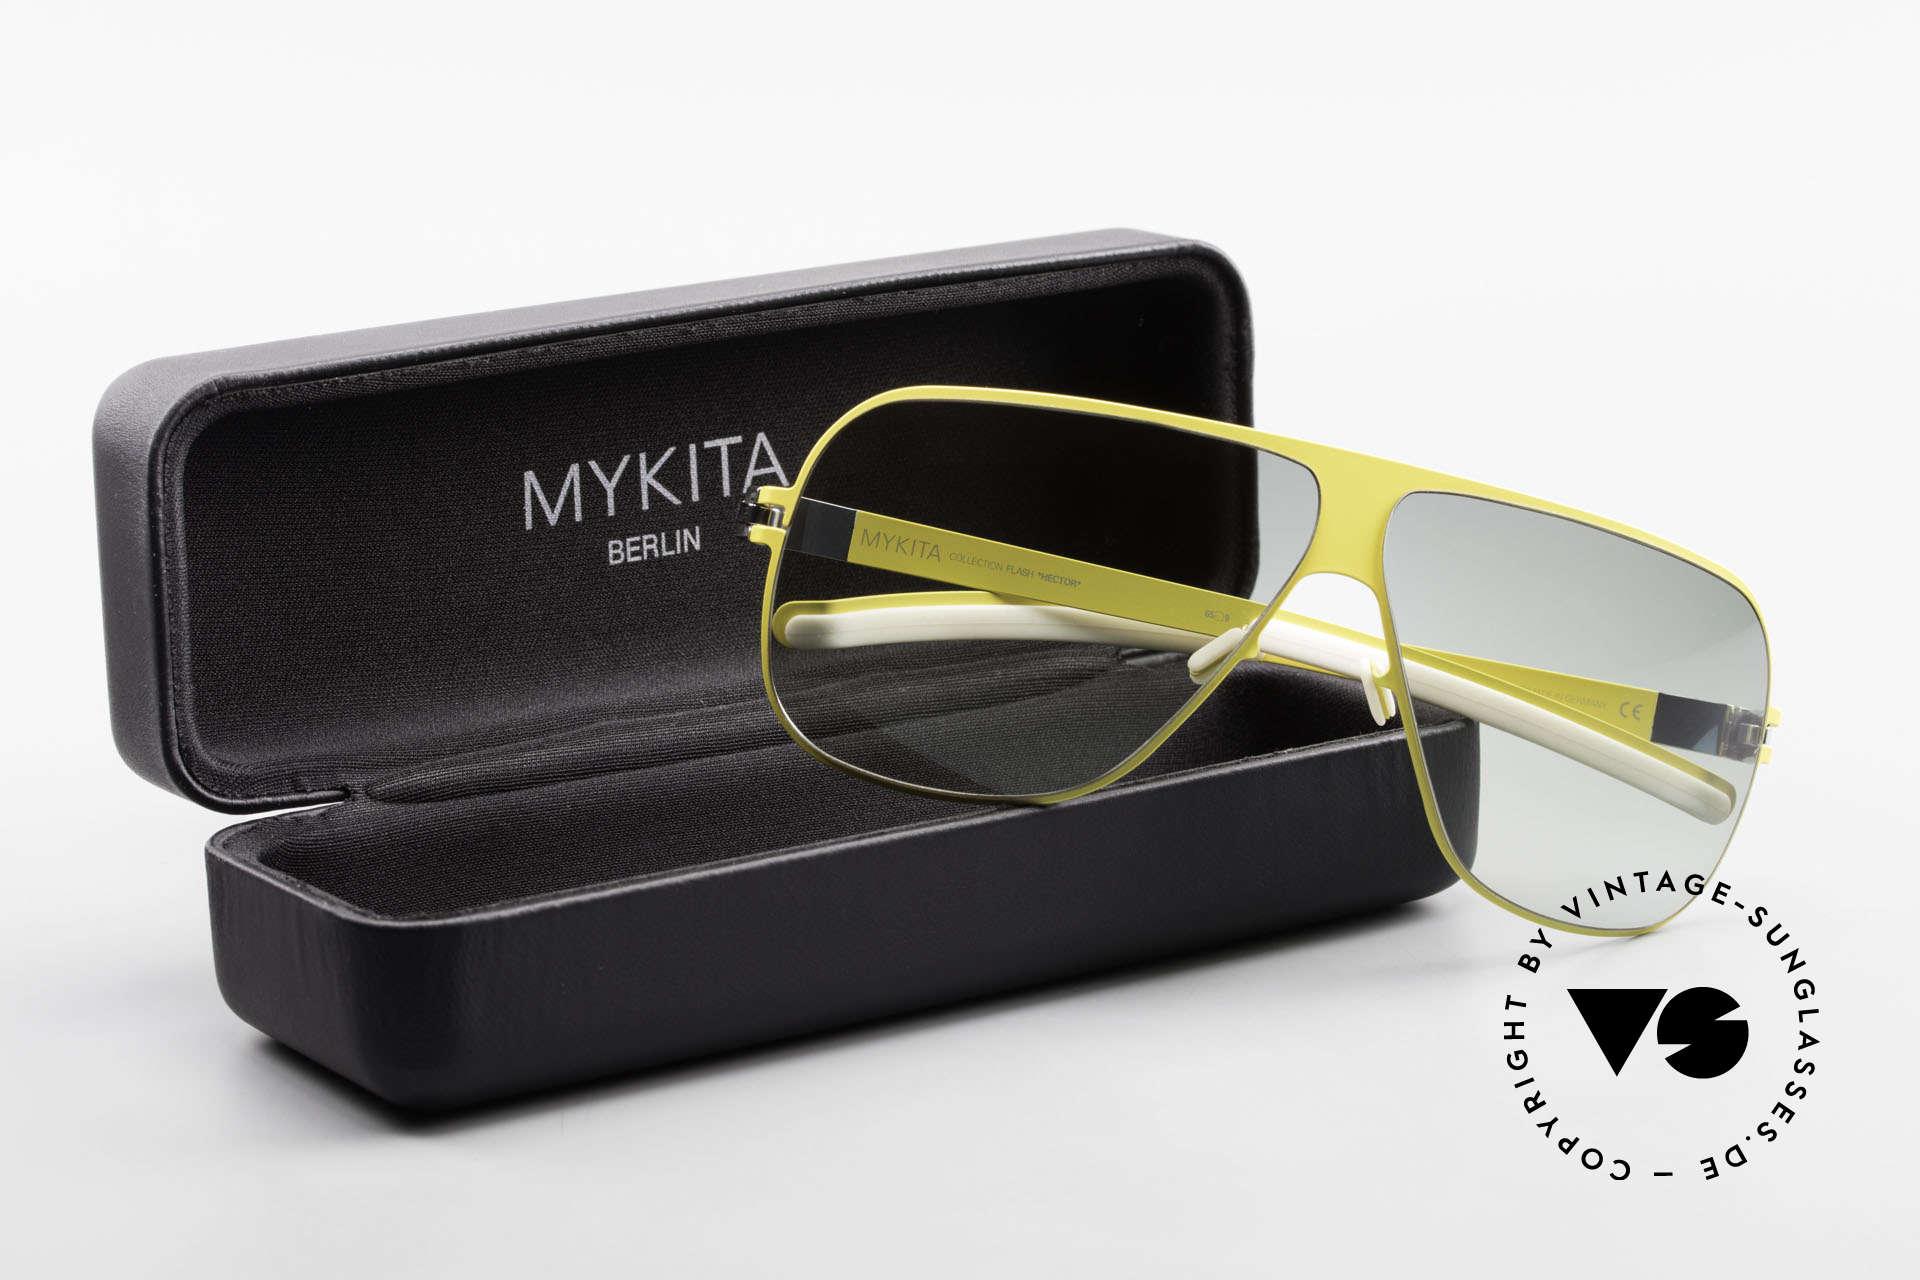 Mykita Hector Aviator Mykita Shades 2009's, Size: large, Made for Men